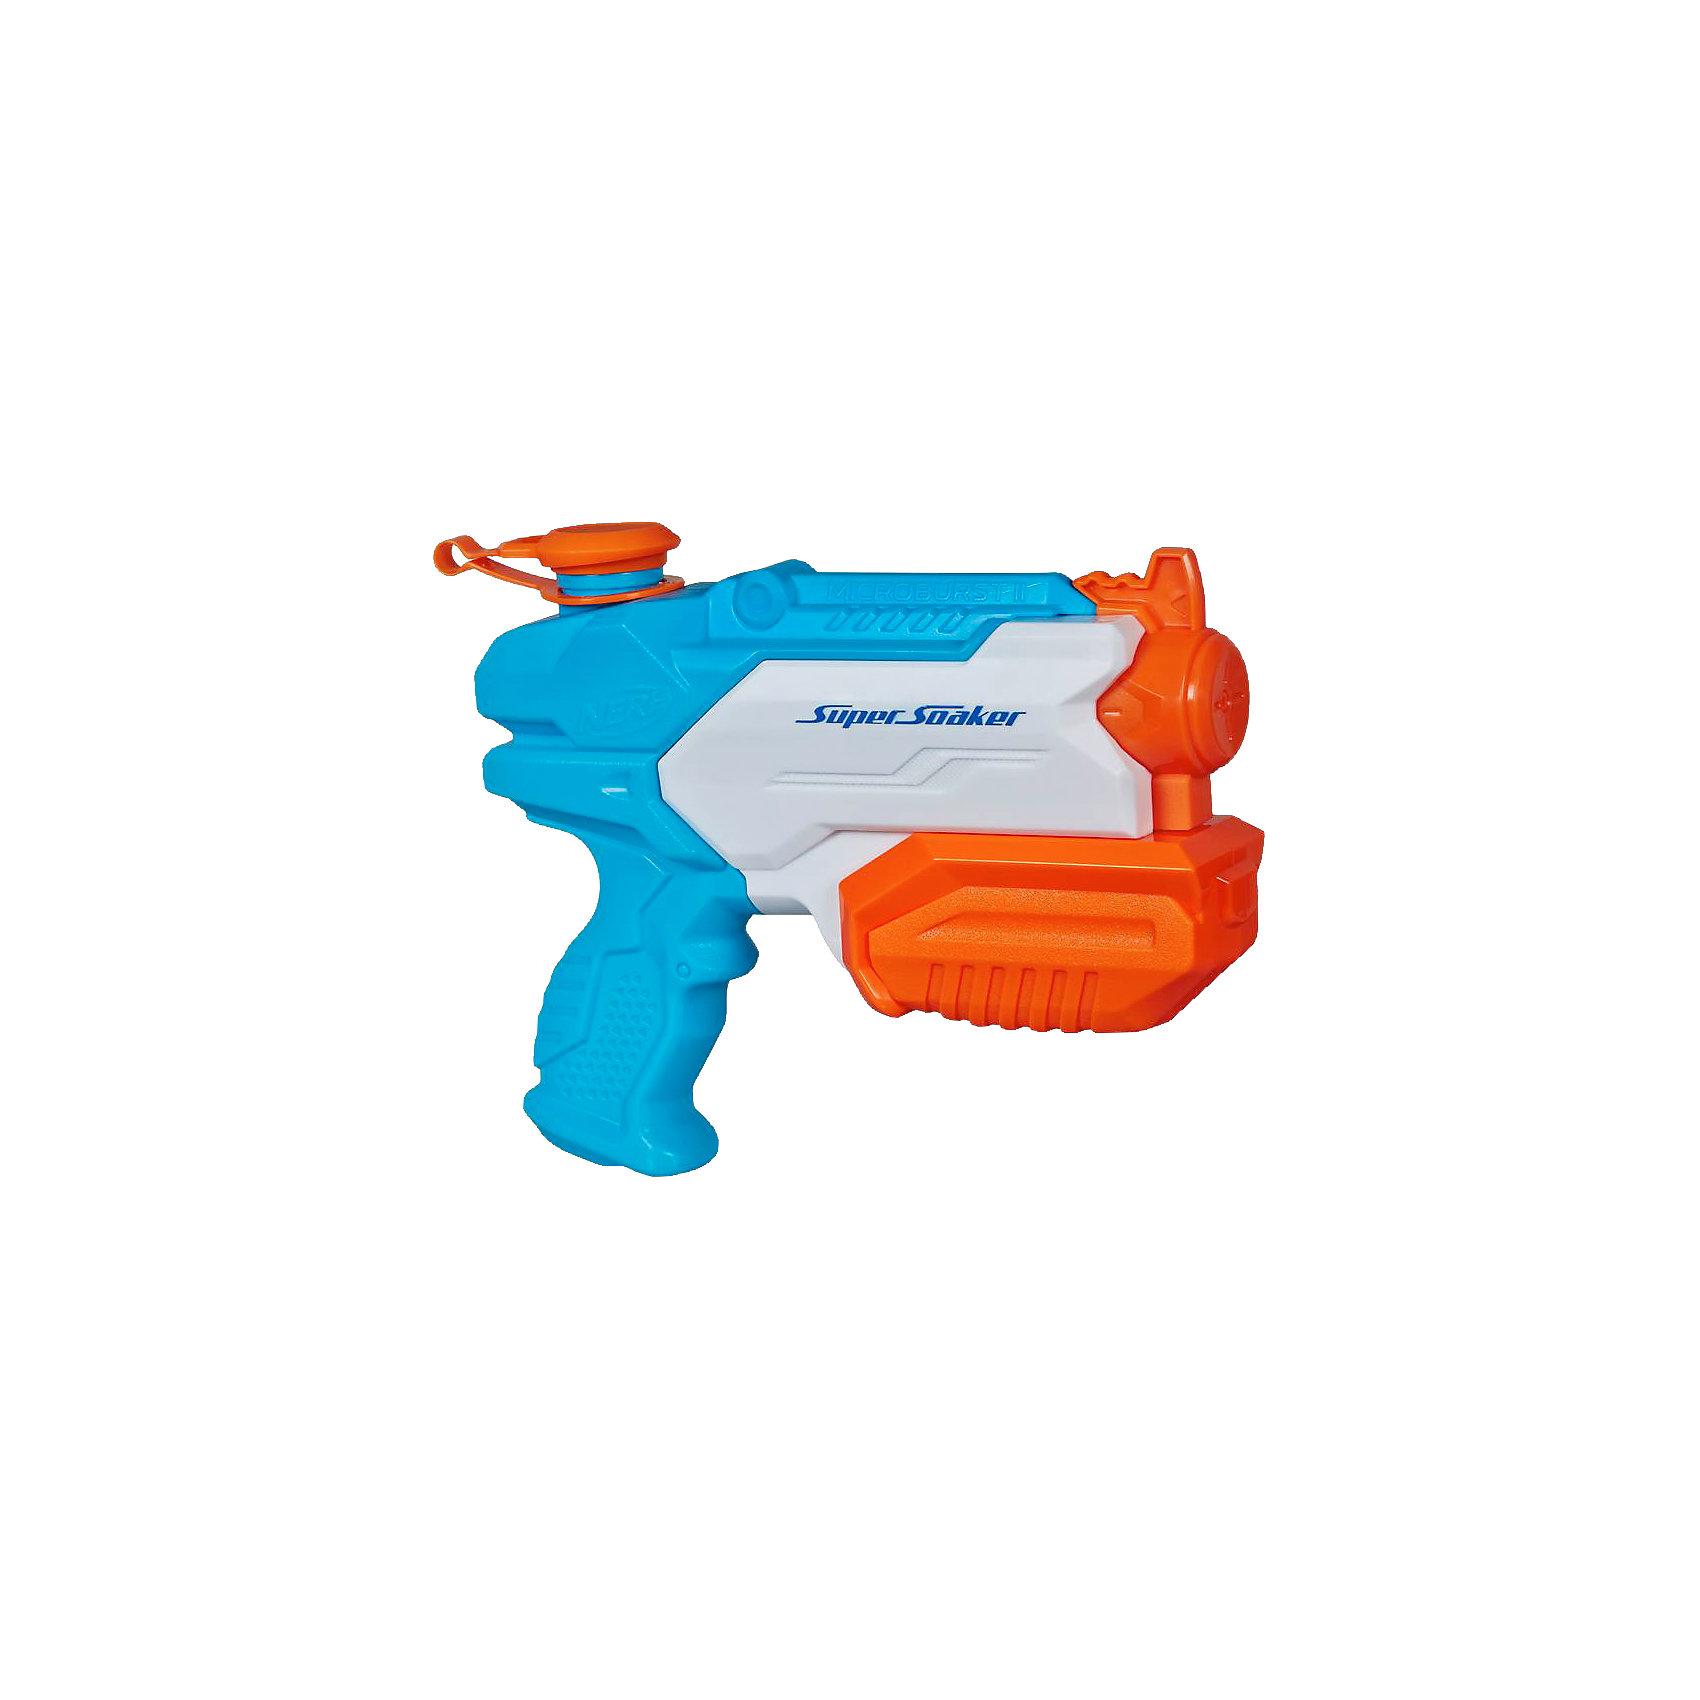 Водяной бластер Супер Соакер Микробёрст 2, NERFИгрушечное оружие<br>Super Soaker Микробёрст 2, NERF- это водяной пистолет для настоящих бойцов с излишней жарой и духотой - достаточно набрать воды в объемный резервуар (295 мл) и передернуть помпу. Подобное занятие придется по душе и малышам, и взрослым, ведь это действительно здорово! Бластер станет отличным решением для активного и позитивного времяпрепровождения, не даст заскучать и даже позволит развить такие положительные навыки, как сноровка, координация, ловкость и внимательность. <br><br>Дополнительная информация:<br><br>Объем резервуара: 295 мл<br>Дальность стрельбы: 10 м<br>Размер упаковки: 21,6 х 22 х 6 см<br>Материал: пластик<br><br>Водяной бластер Супер Соакер Микробёрст 2, NERF (Нерф) можно купить в нашем магазине.<br><br>Ширина мм: 221<br>Глубина мм: 215<br>Высота мм: 63<br>Вес г: 290<br>Возраст от месяцев: 72<br>Возраст до месяцев: 120<br>Пол: Мужской<br>Возраст: Детский<br>SKU: 3795562